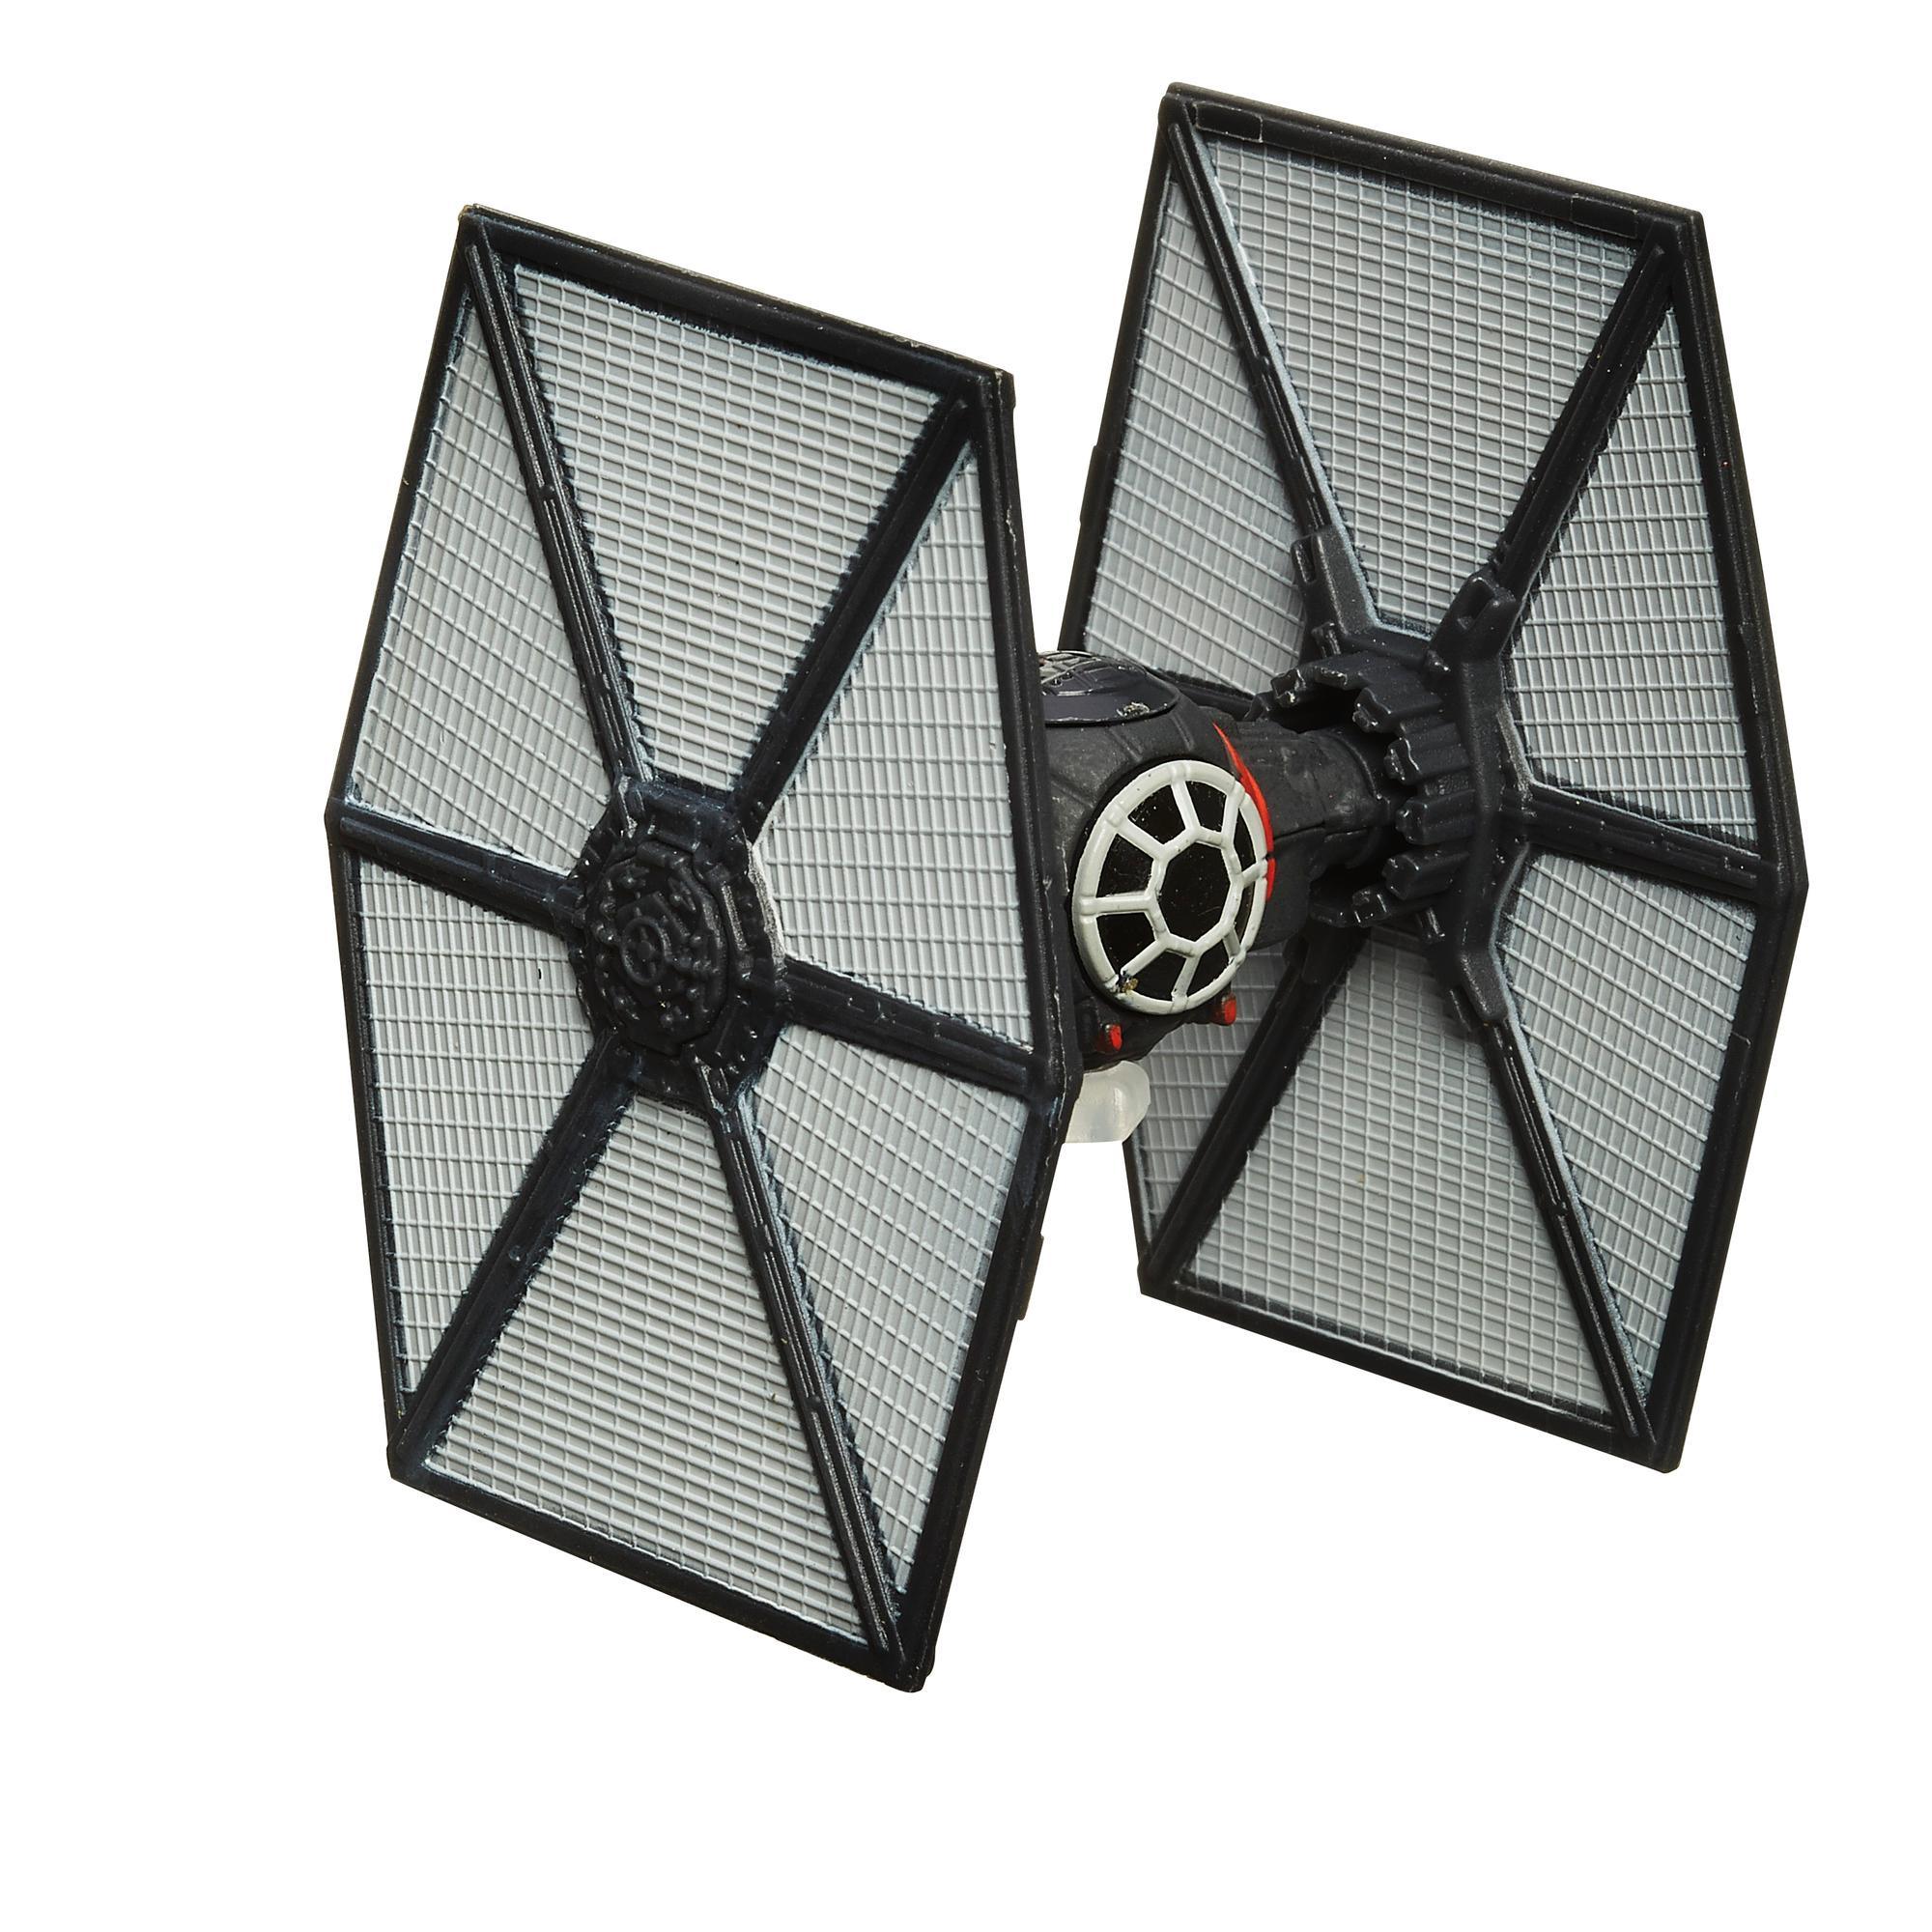 Star Wars Episode VII Black Series Titanium TIE Fighter de las Fuerzas Especiales de la Primera Orden